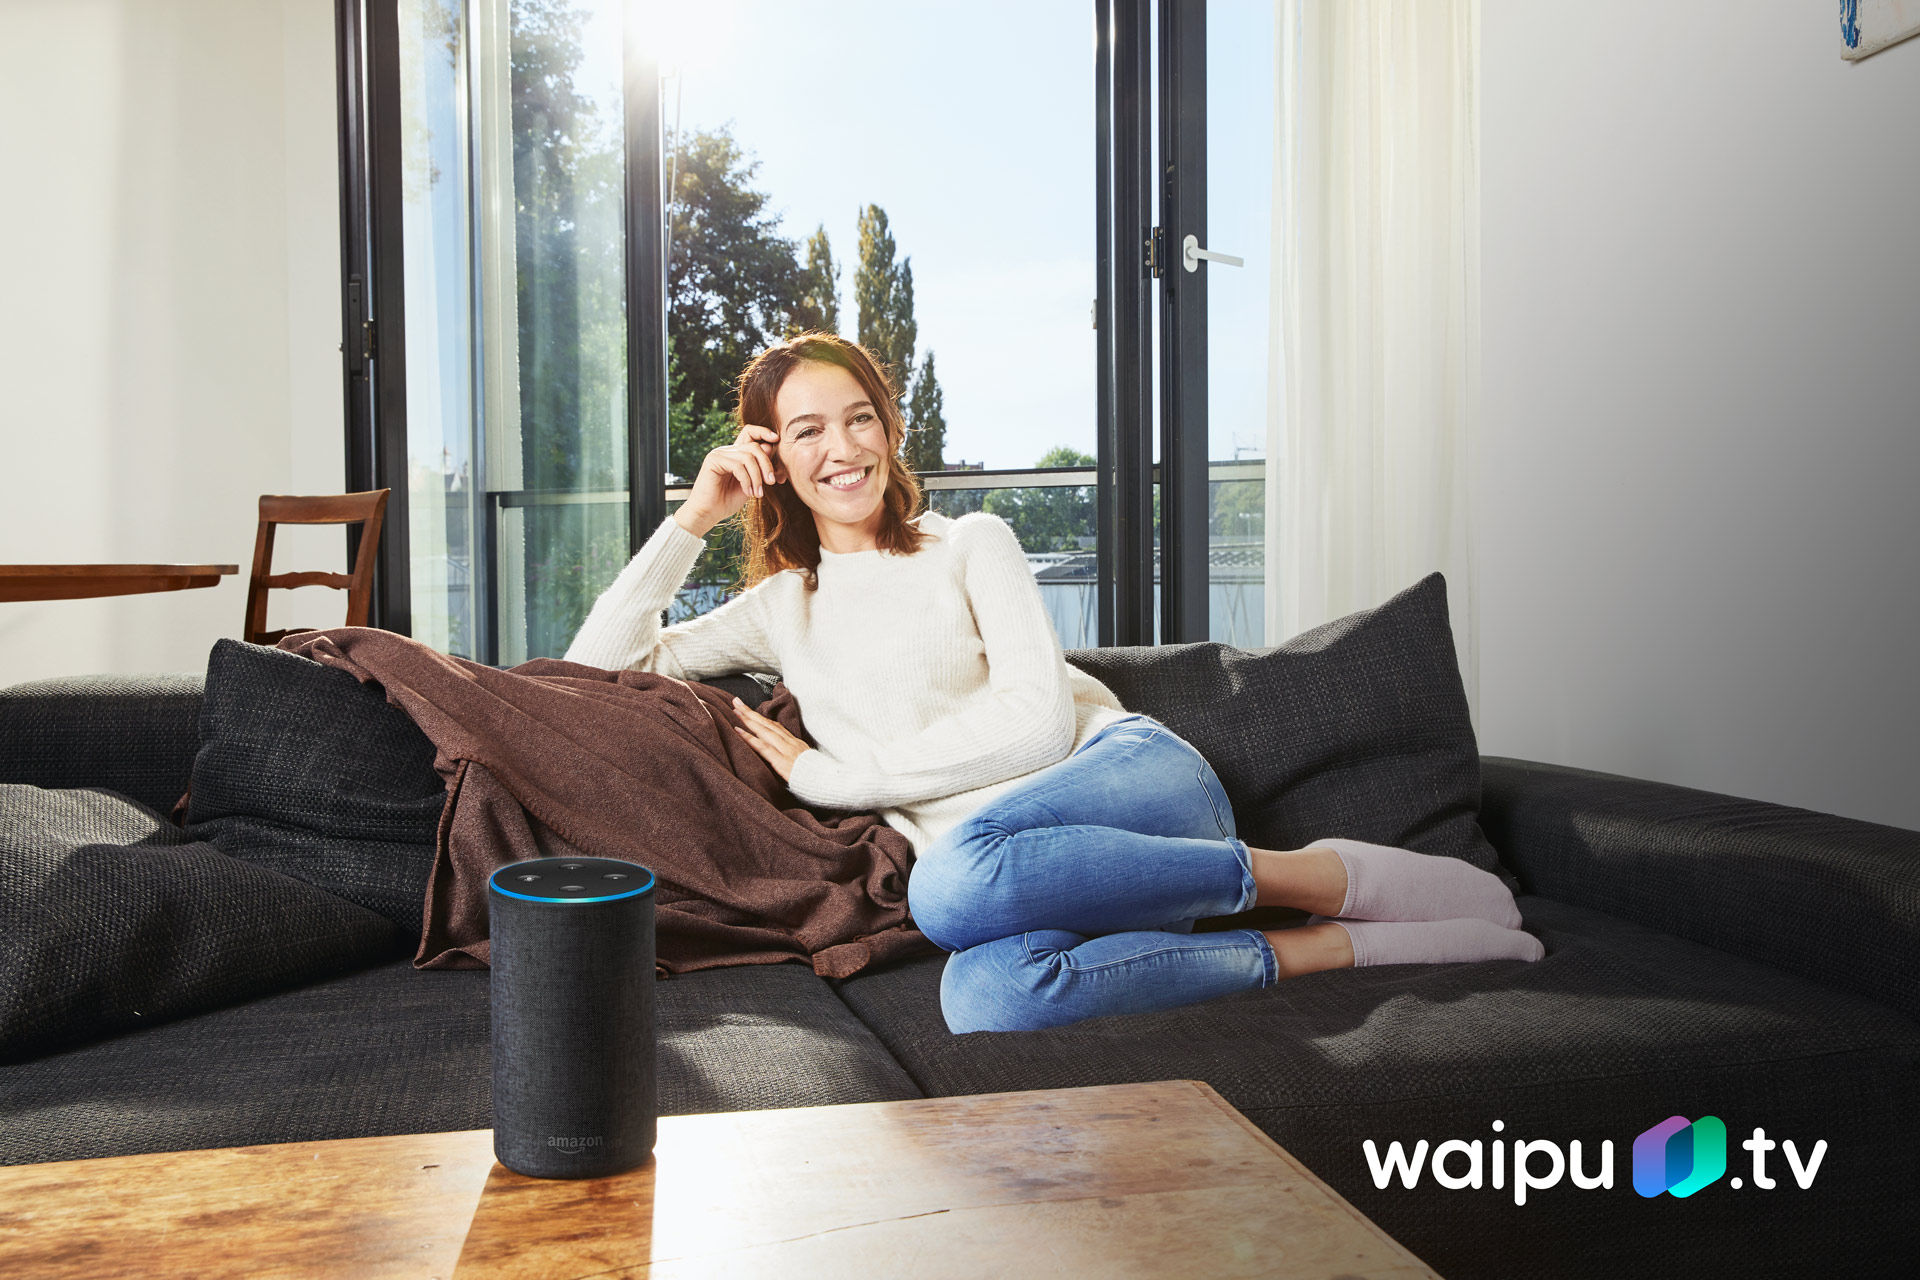 waipu.tv mit Amazon Alexa steuern